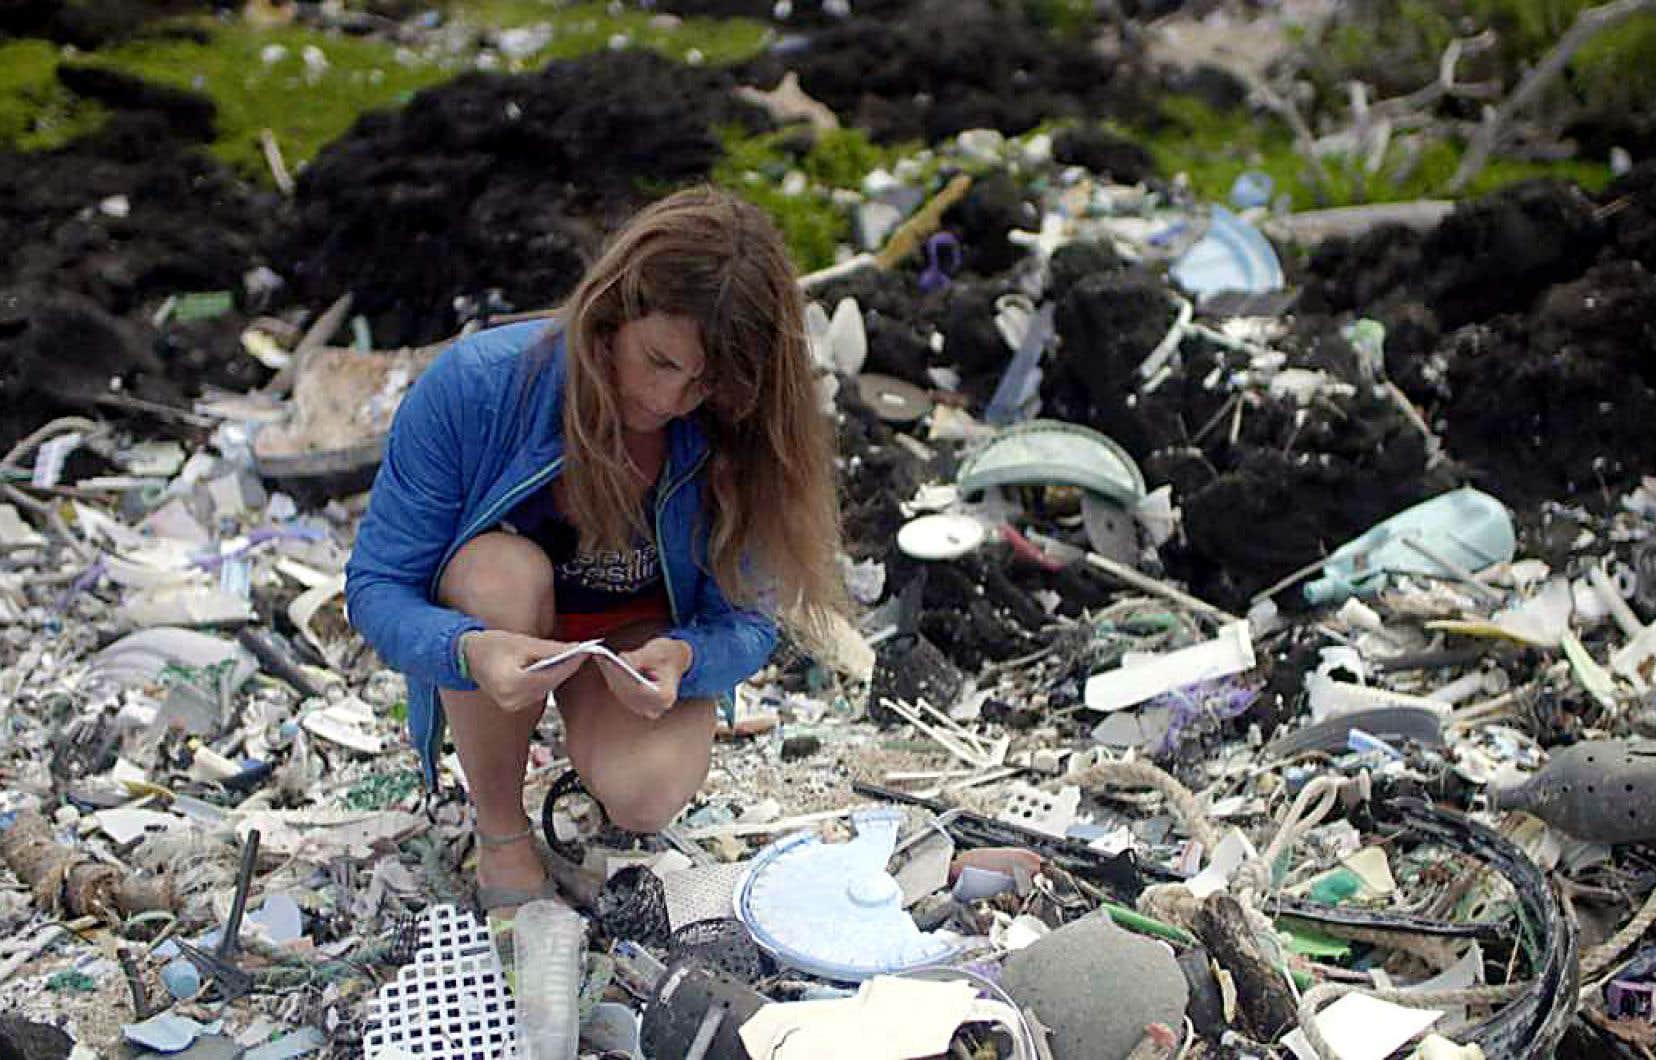 Les lobbys industriels, Coca-Cola en tête, font d'ailleurs tout en leur pouvoir pour que le plastique demeure un produit d'usage très, très courant.